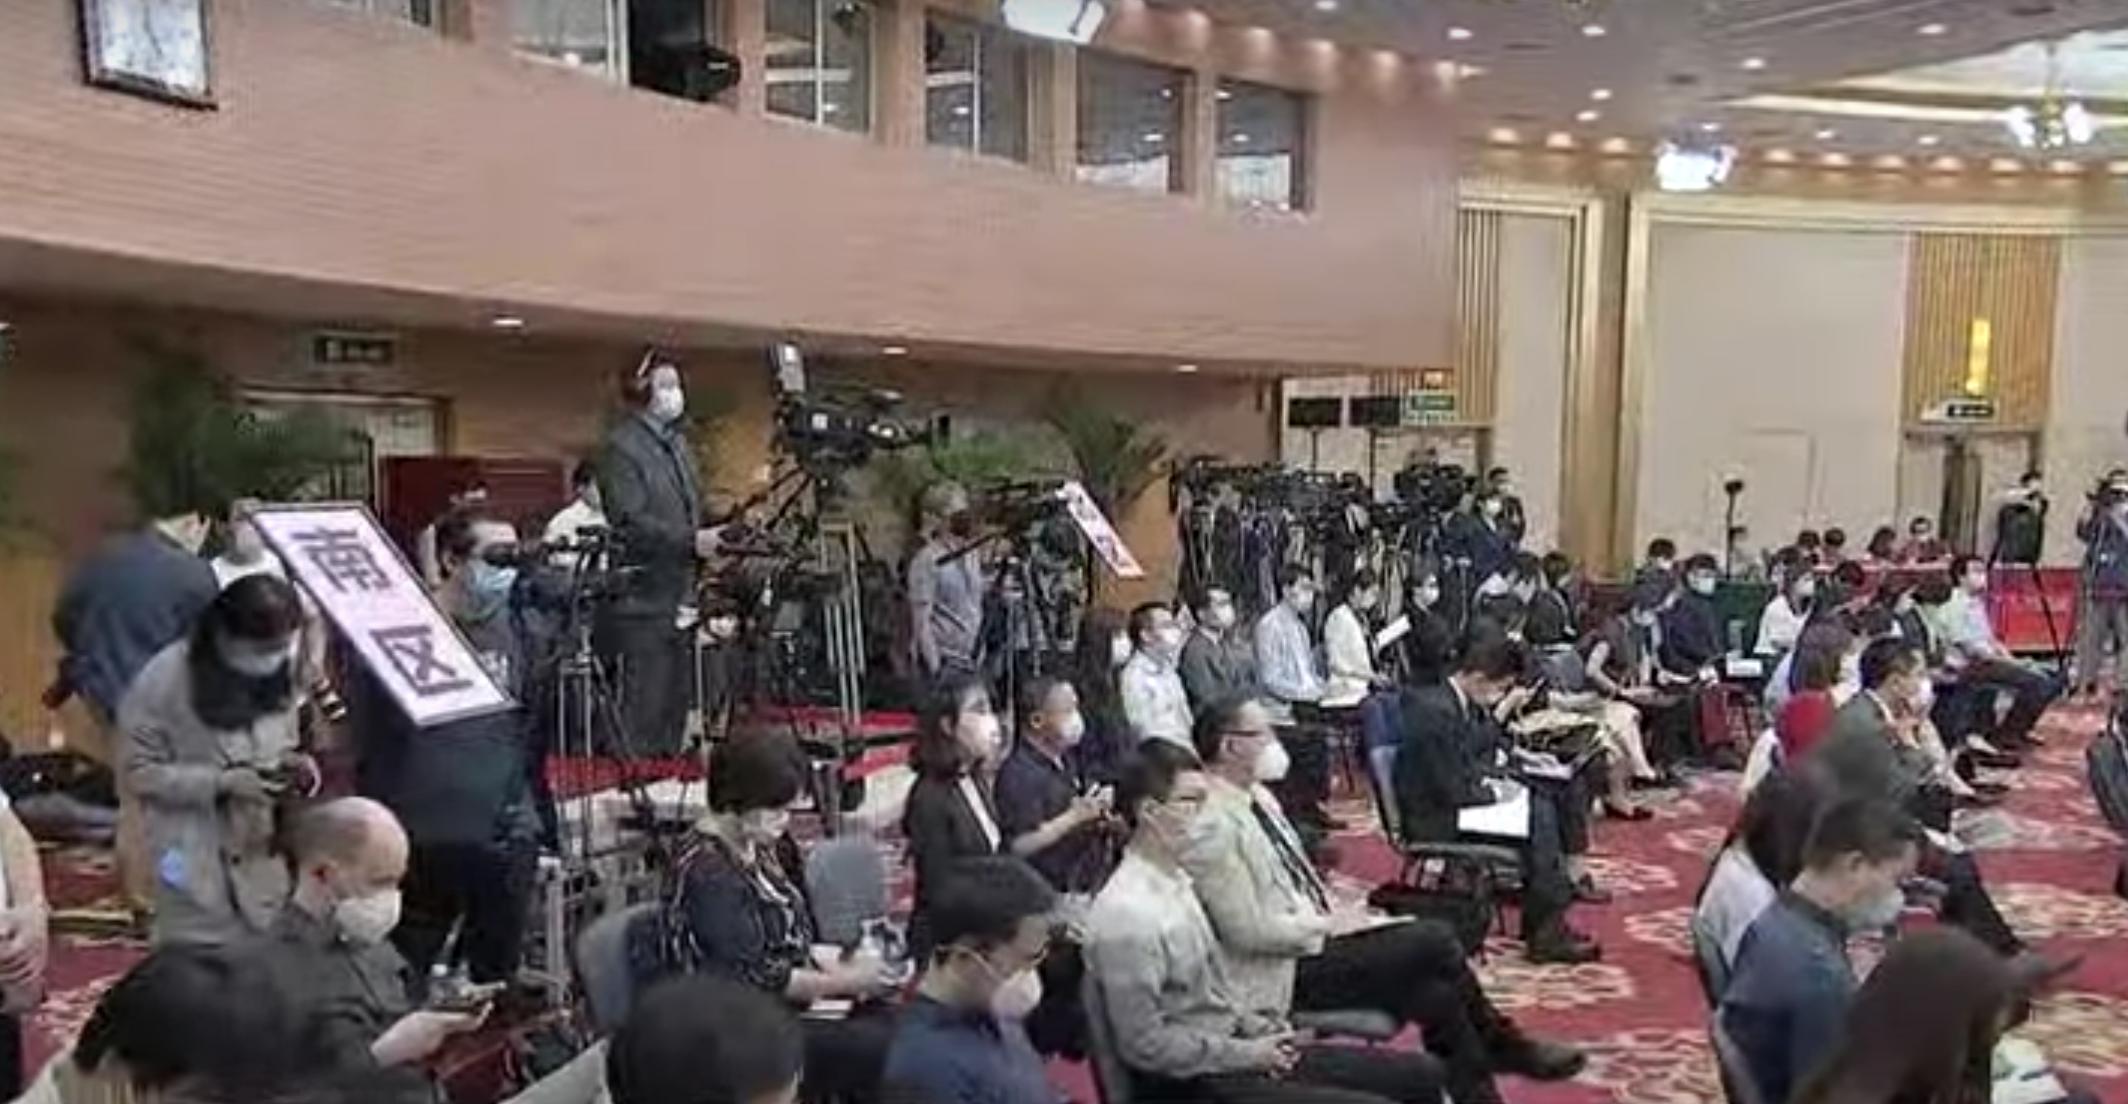 兩會李克強記者會回應台灣問題重提「九二共識」(視頻截圖)